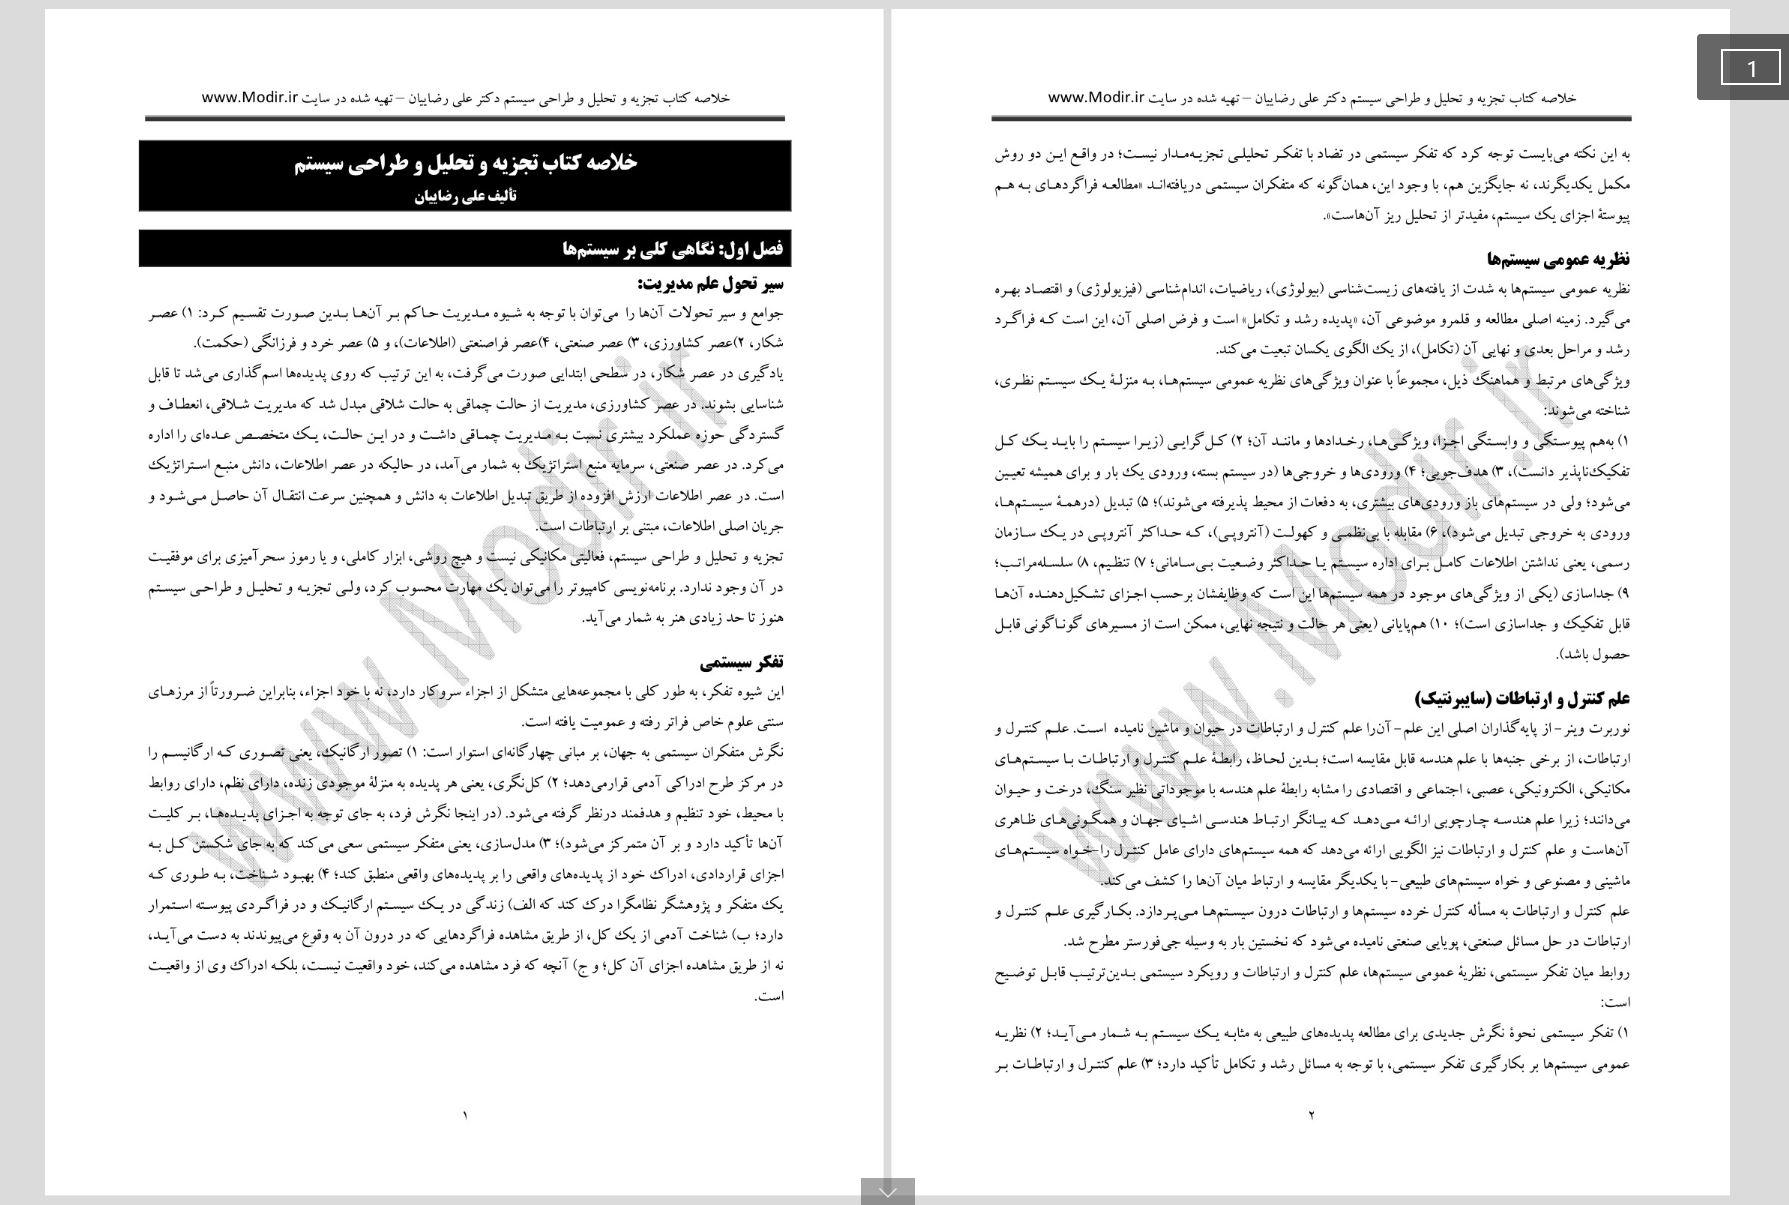 خلاصه کتاب تجزیه و تحلیل و طراحی سیستم دکتر علی رضاییان